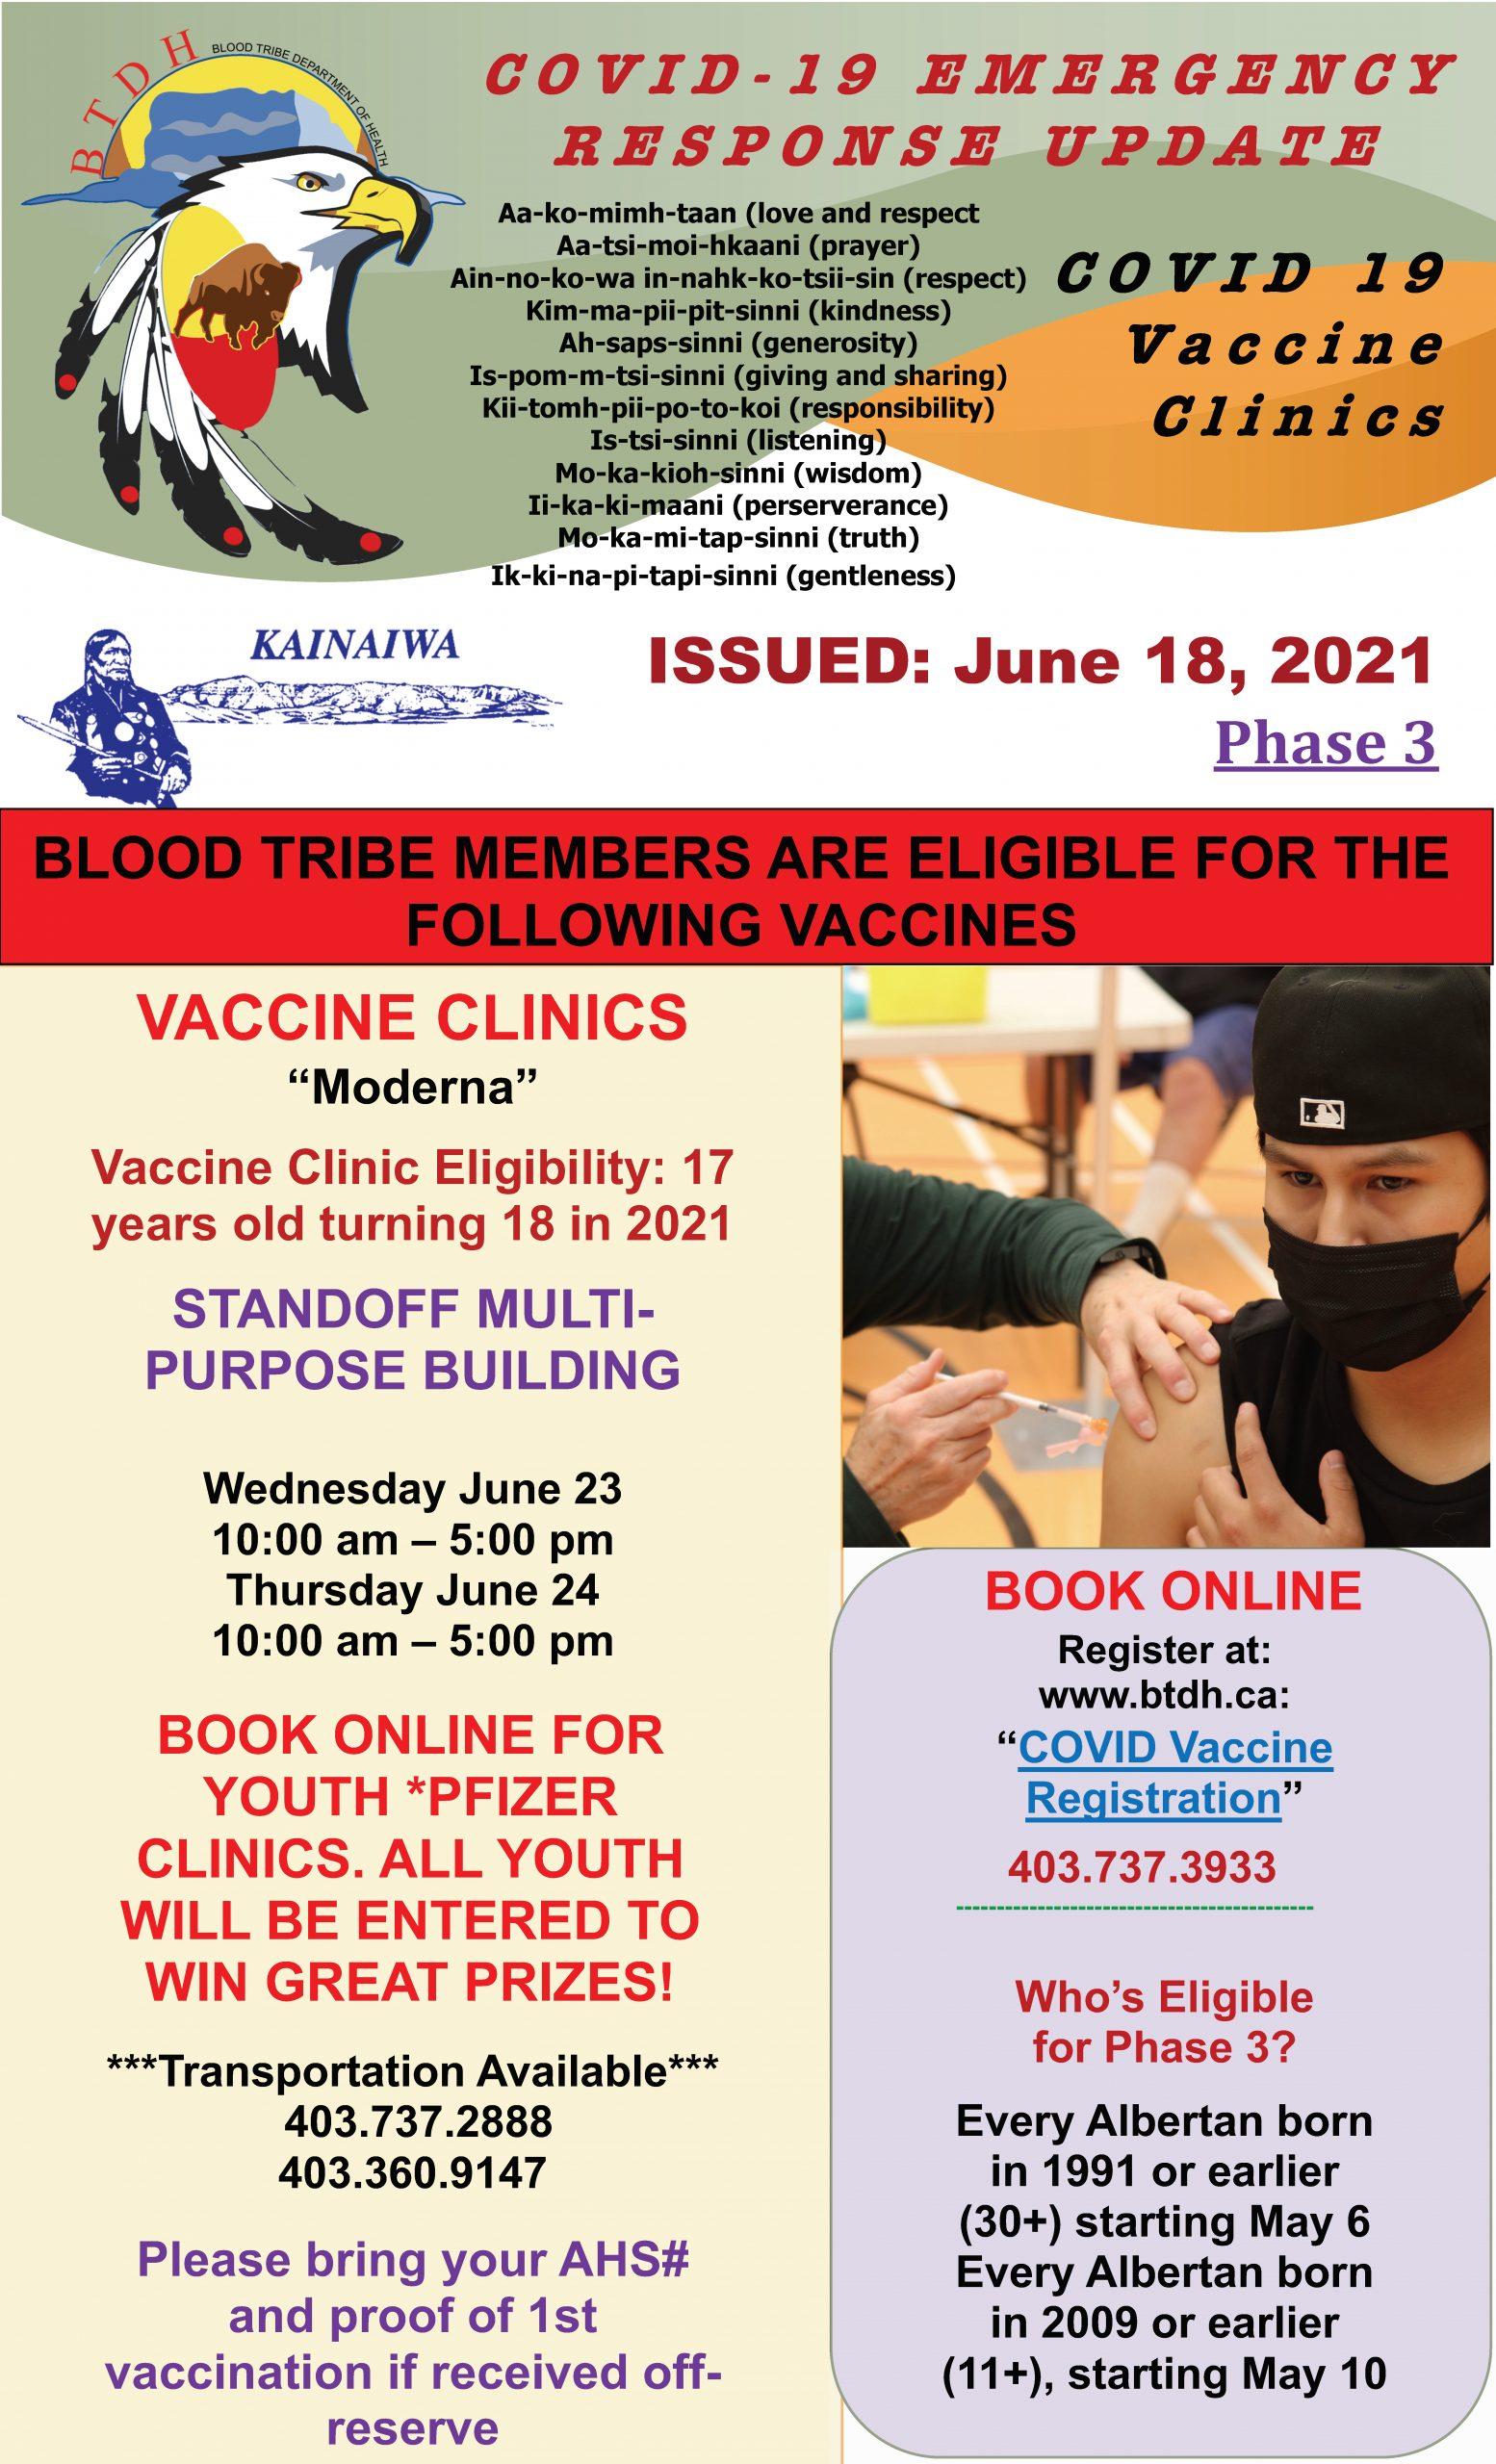 COVID-19 Vaccine Clinic Update - (June 18, 2021)